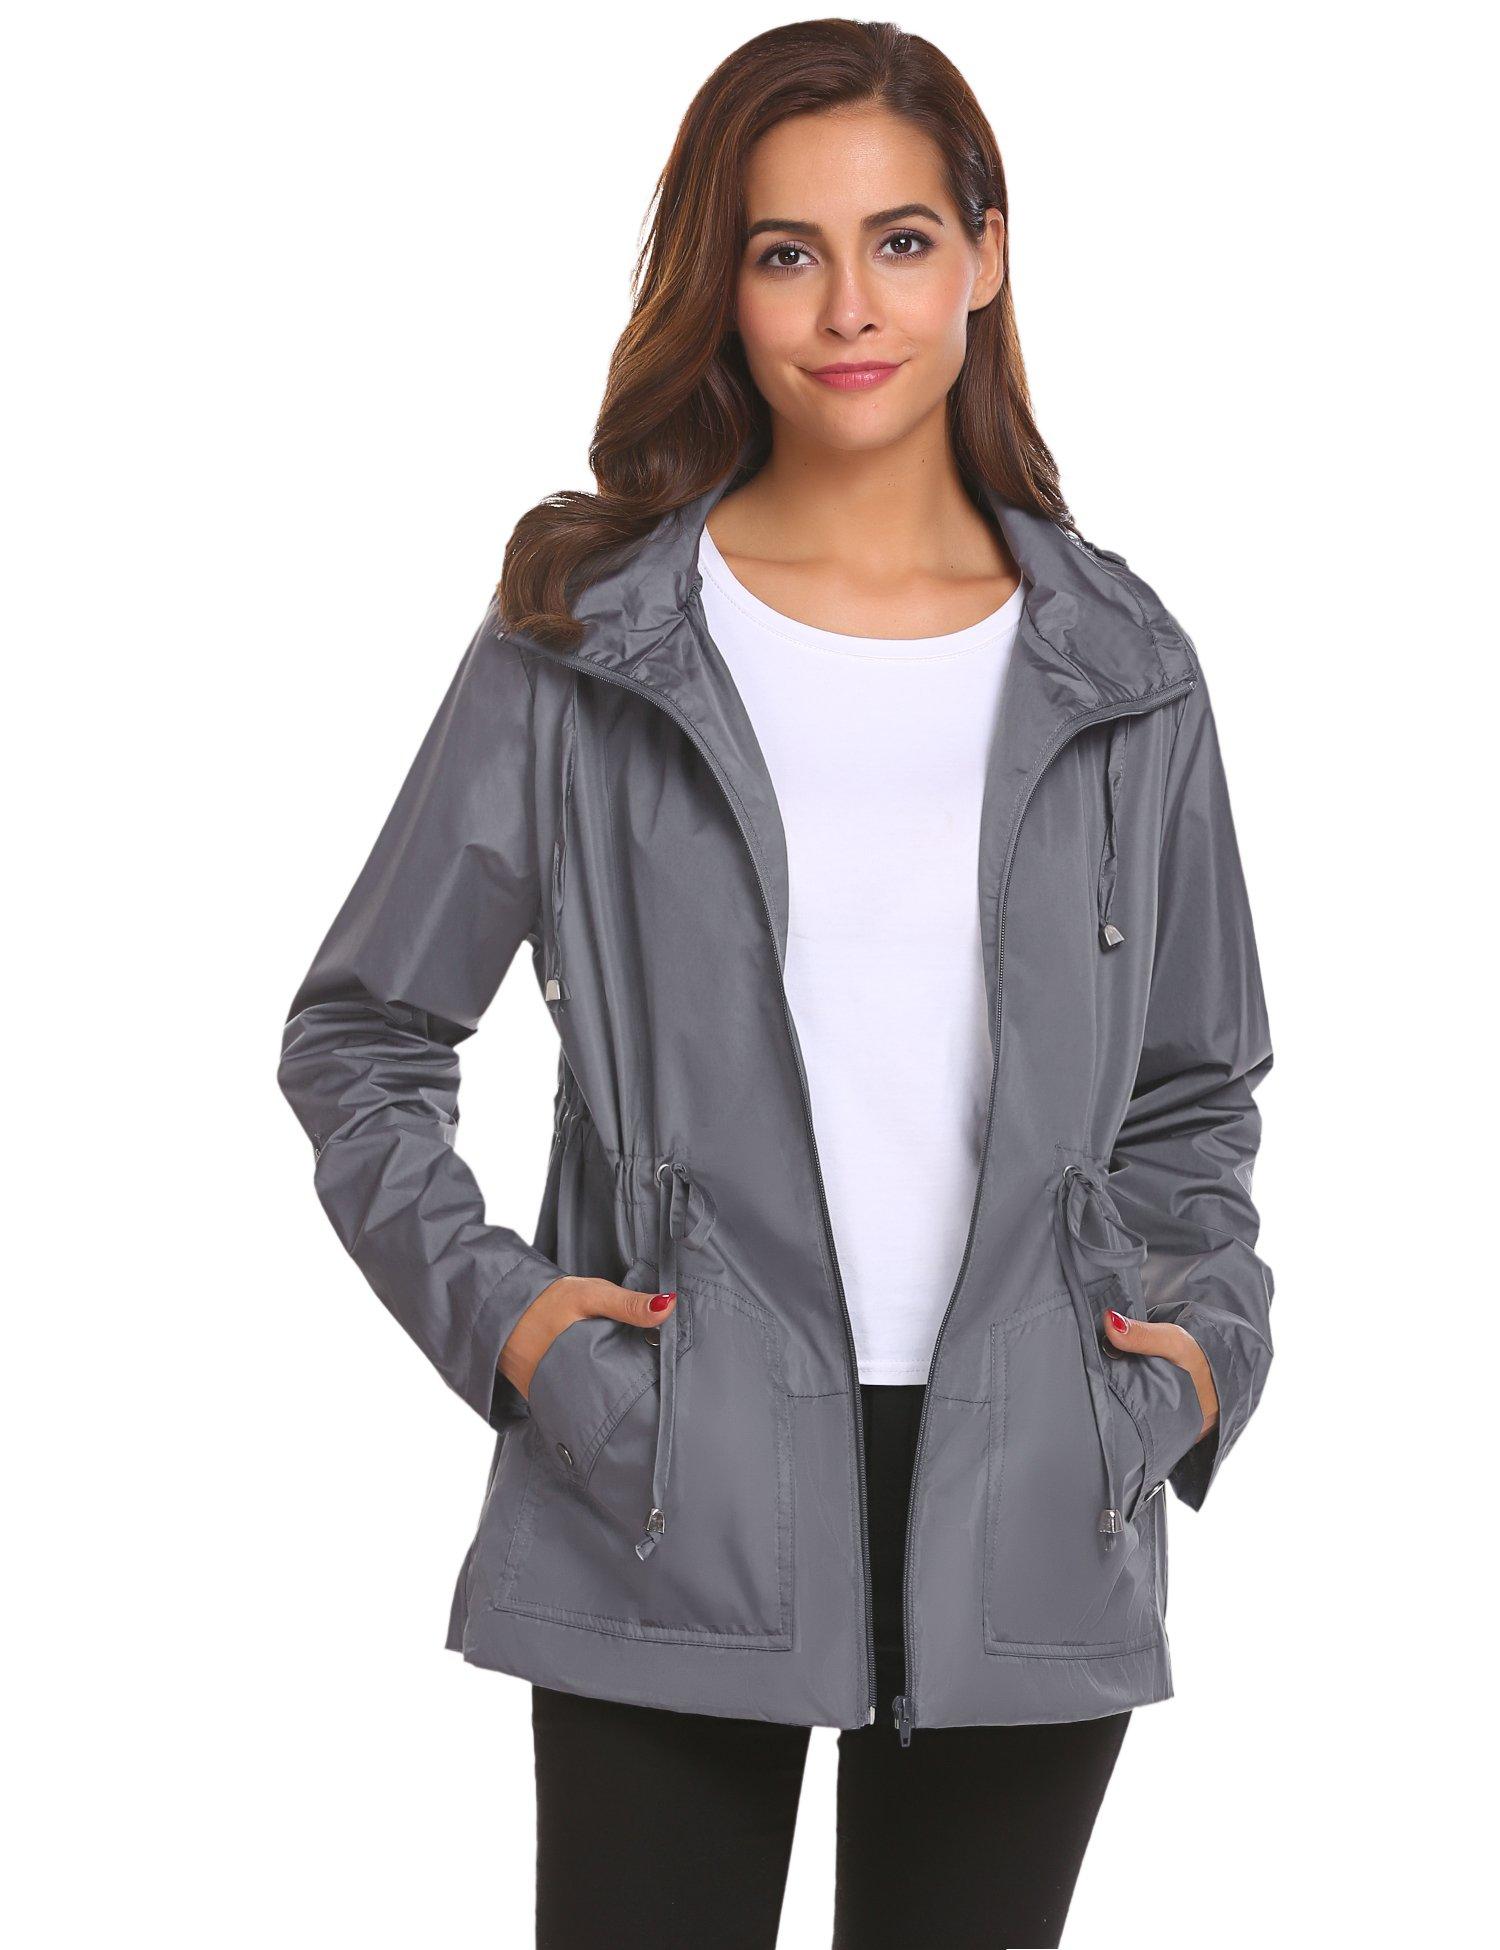 Romanstii Mountain Coats for Women,Waterproof Rain Jacket Windbreaker Outdoor Wear Gray,M by Romanstii